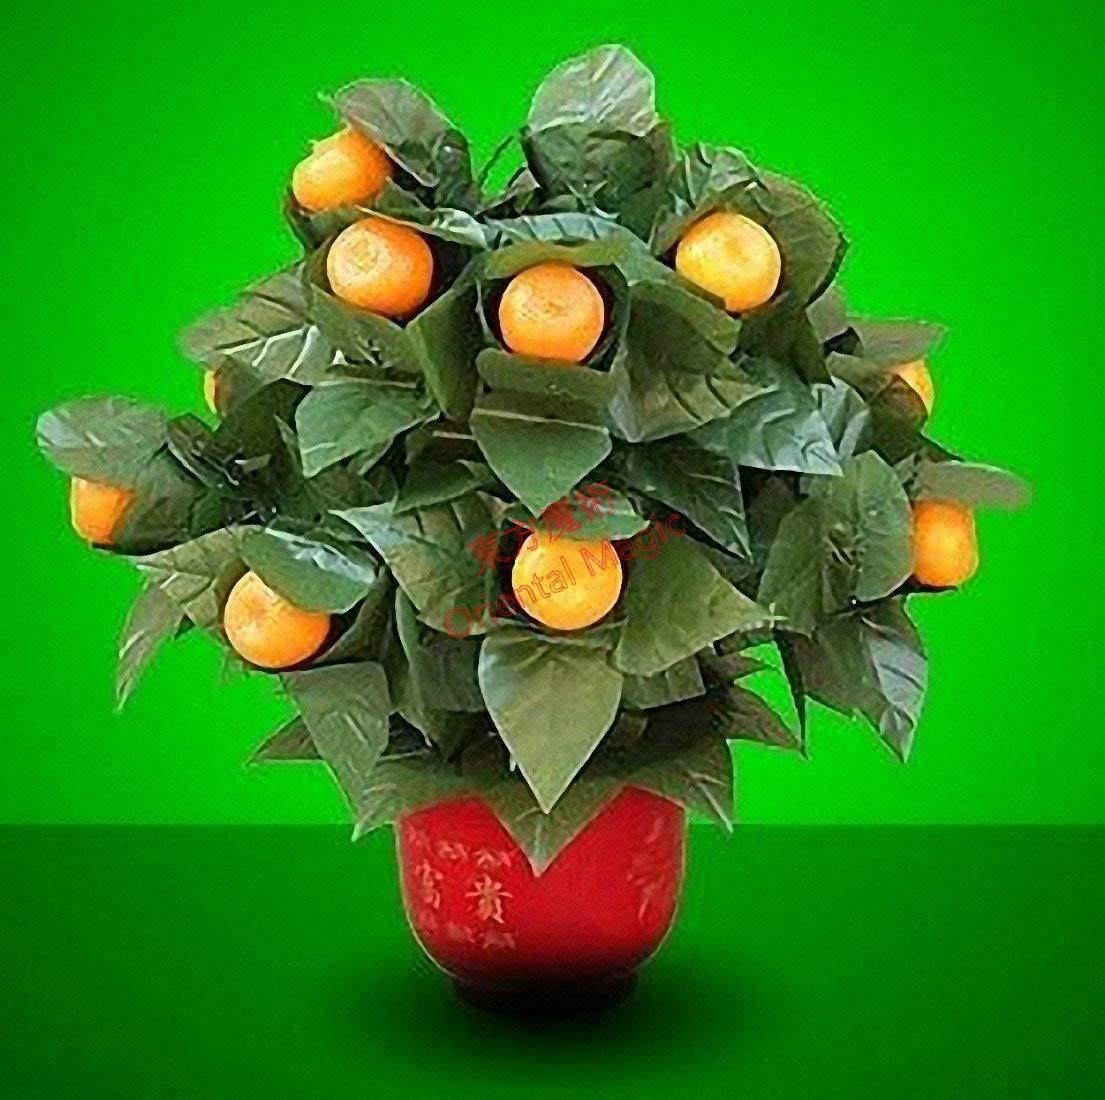 堅実な究極の 15ブルーミングオレンジ -/ リモートコントロール/ ステージマジック 15 奇術; Blooming Oranges - Remote Control -- ステージマジック/ Stage Magic/マジックトリック/魔法; 奇術; 魔力 B07QJ5FYYJ, リサイクルショップメイクバリュー:2fa21e69 --- arianechie.dominiotemporario.com